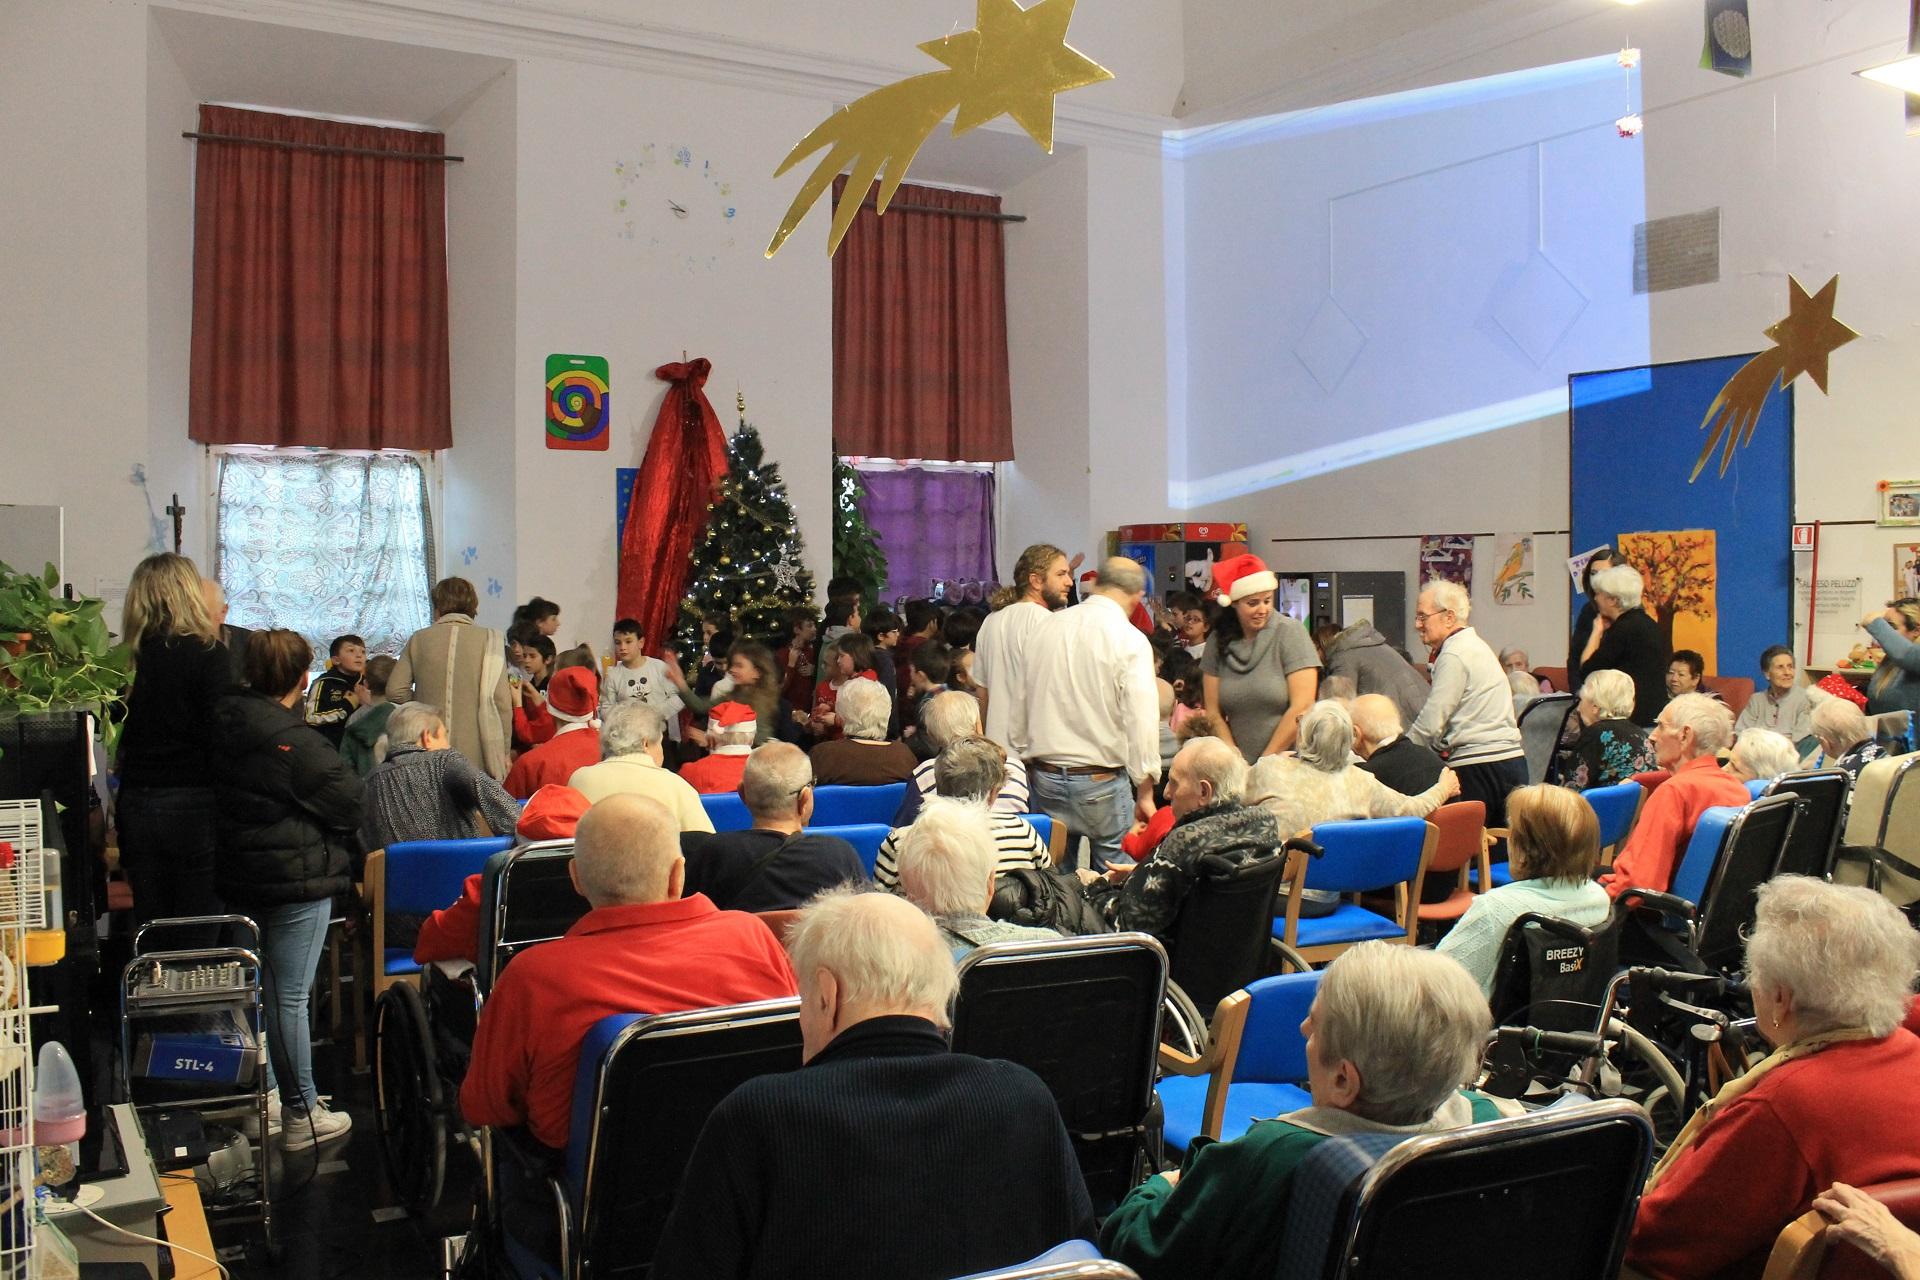 Festa di Natale Residenza Sanitaria Assistenziale del Santuario | Opere Sociali Servizi Savona